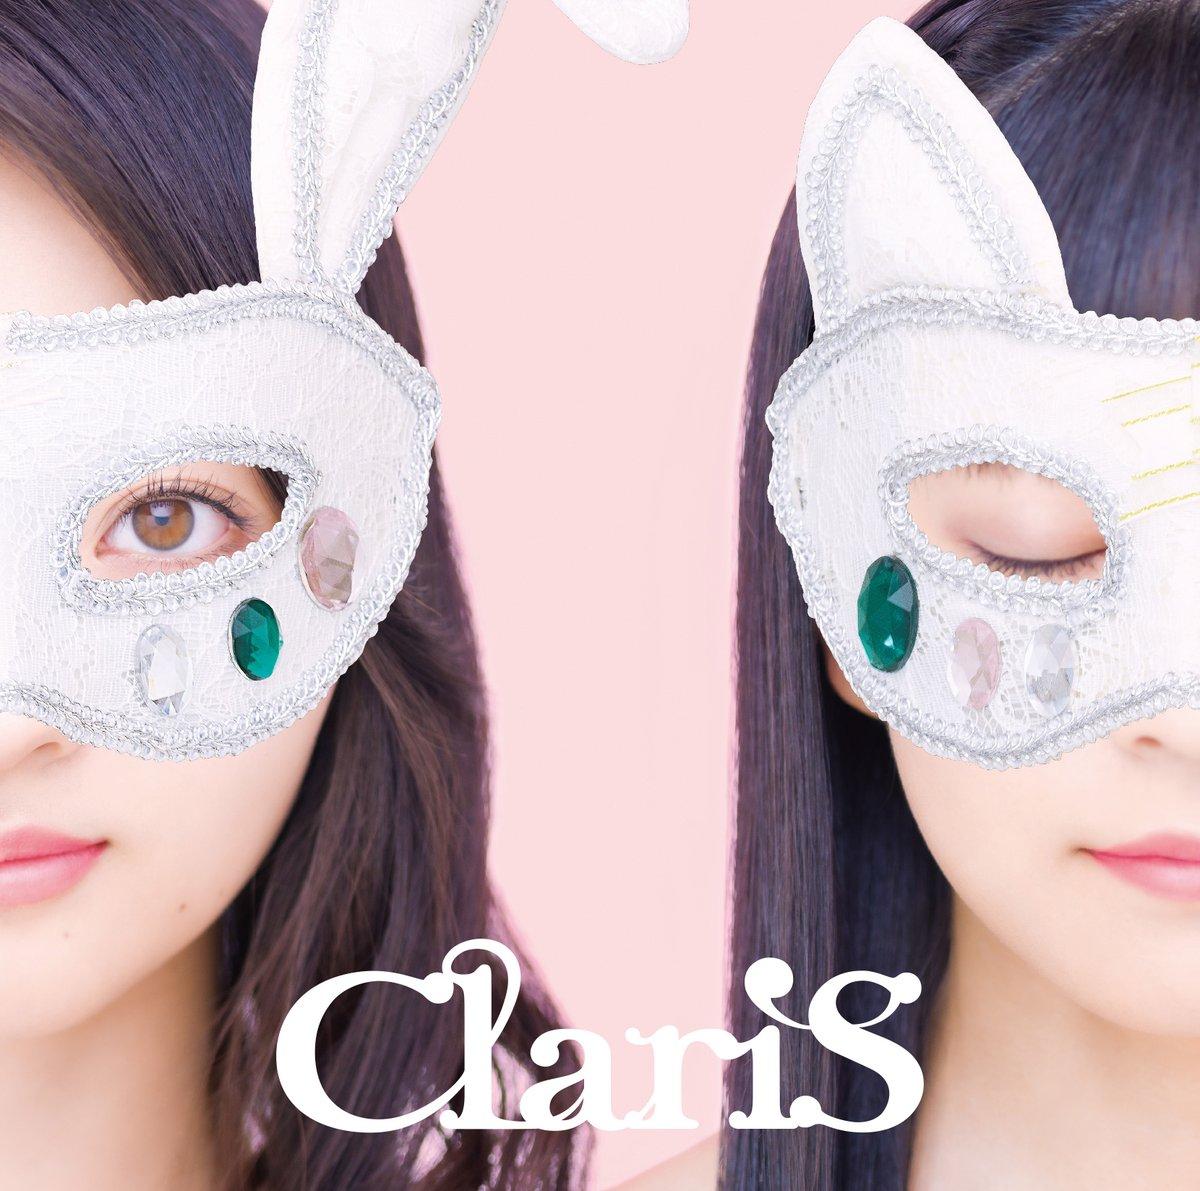 メインビジュアル アニソンユニット ベール 素顔 メジャーデビュー周年に関連した画像-05